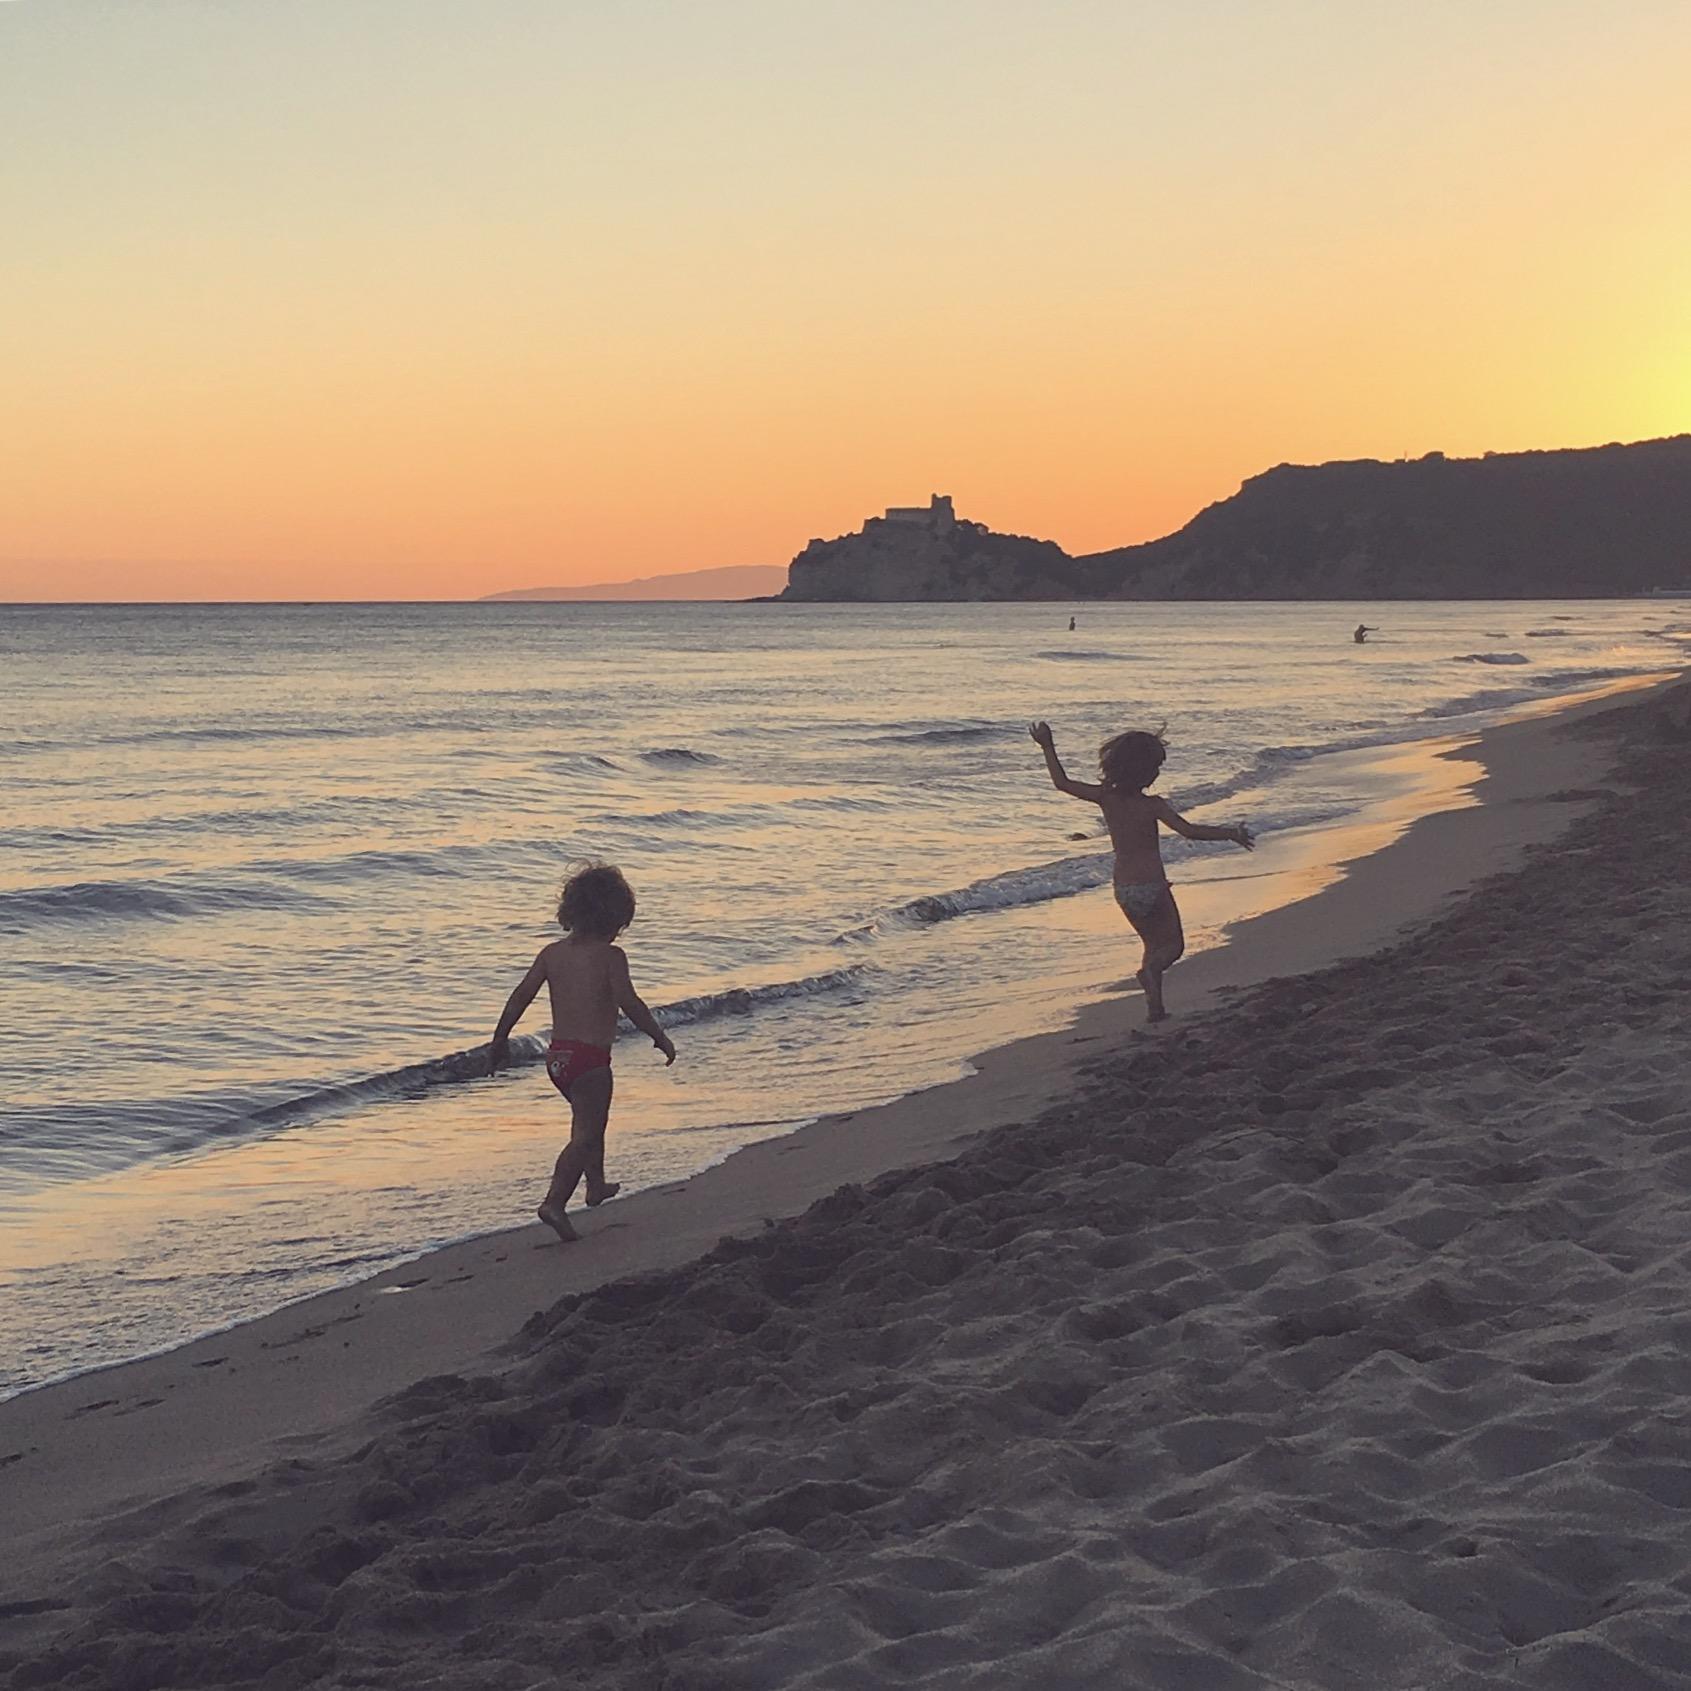 L'apologia delle mamme in spiaggia. Ovvero sulla difesa di ogni modo di essere.